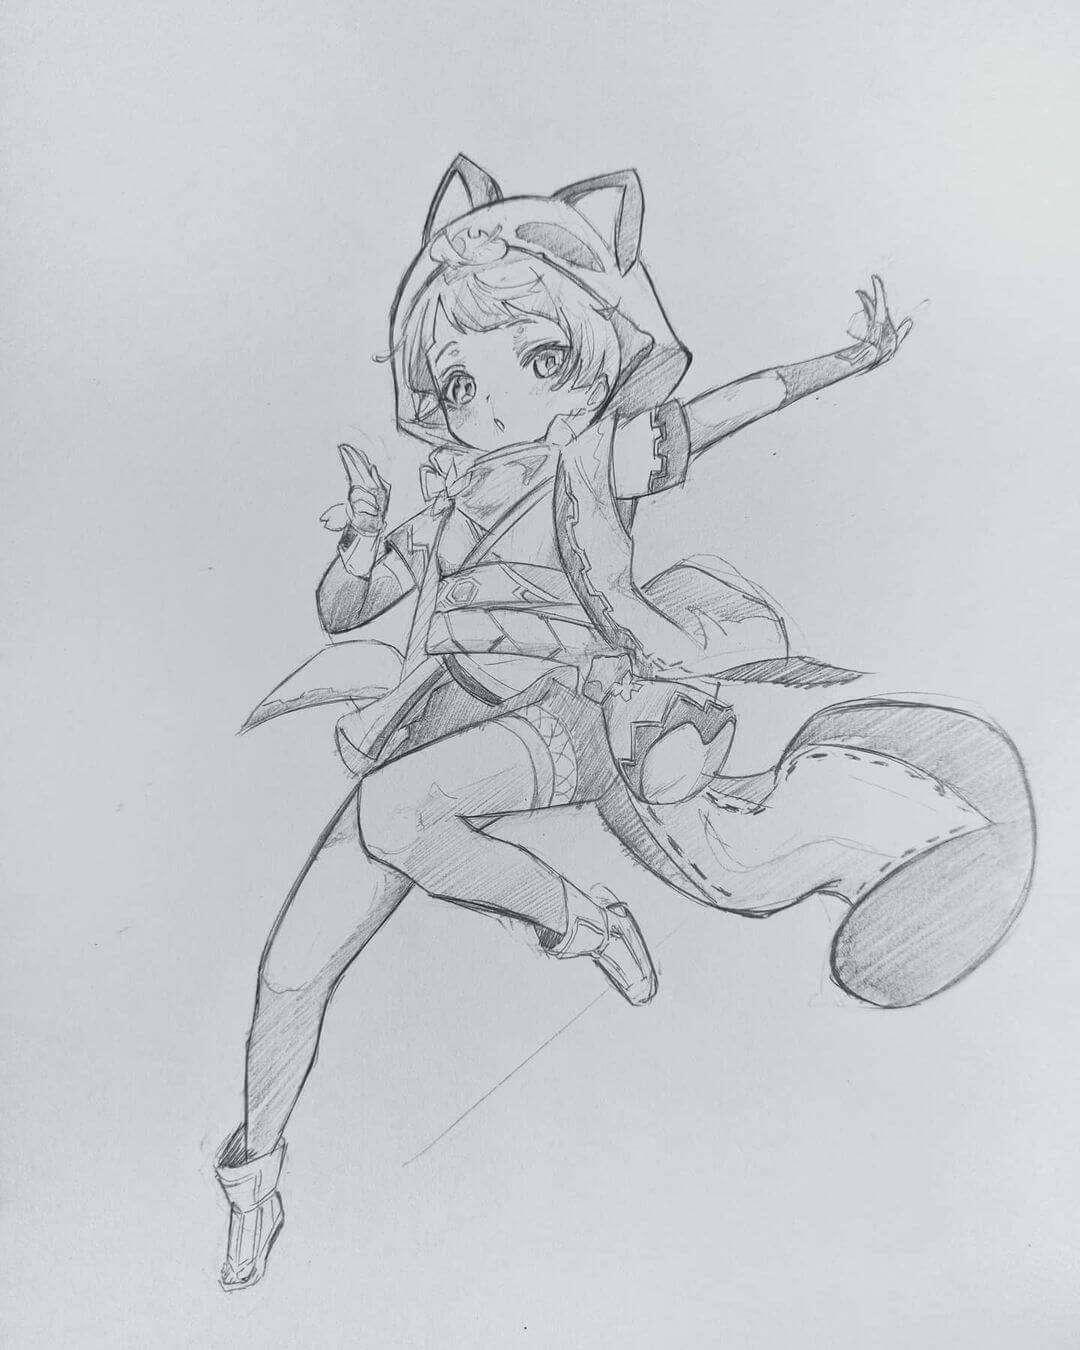 Honorable Mention Sayu (Genshin Impact) by adem_seddiki Anime art